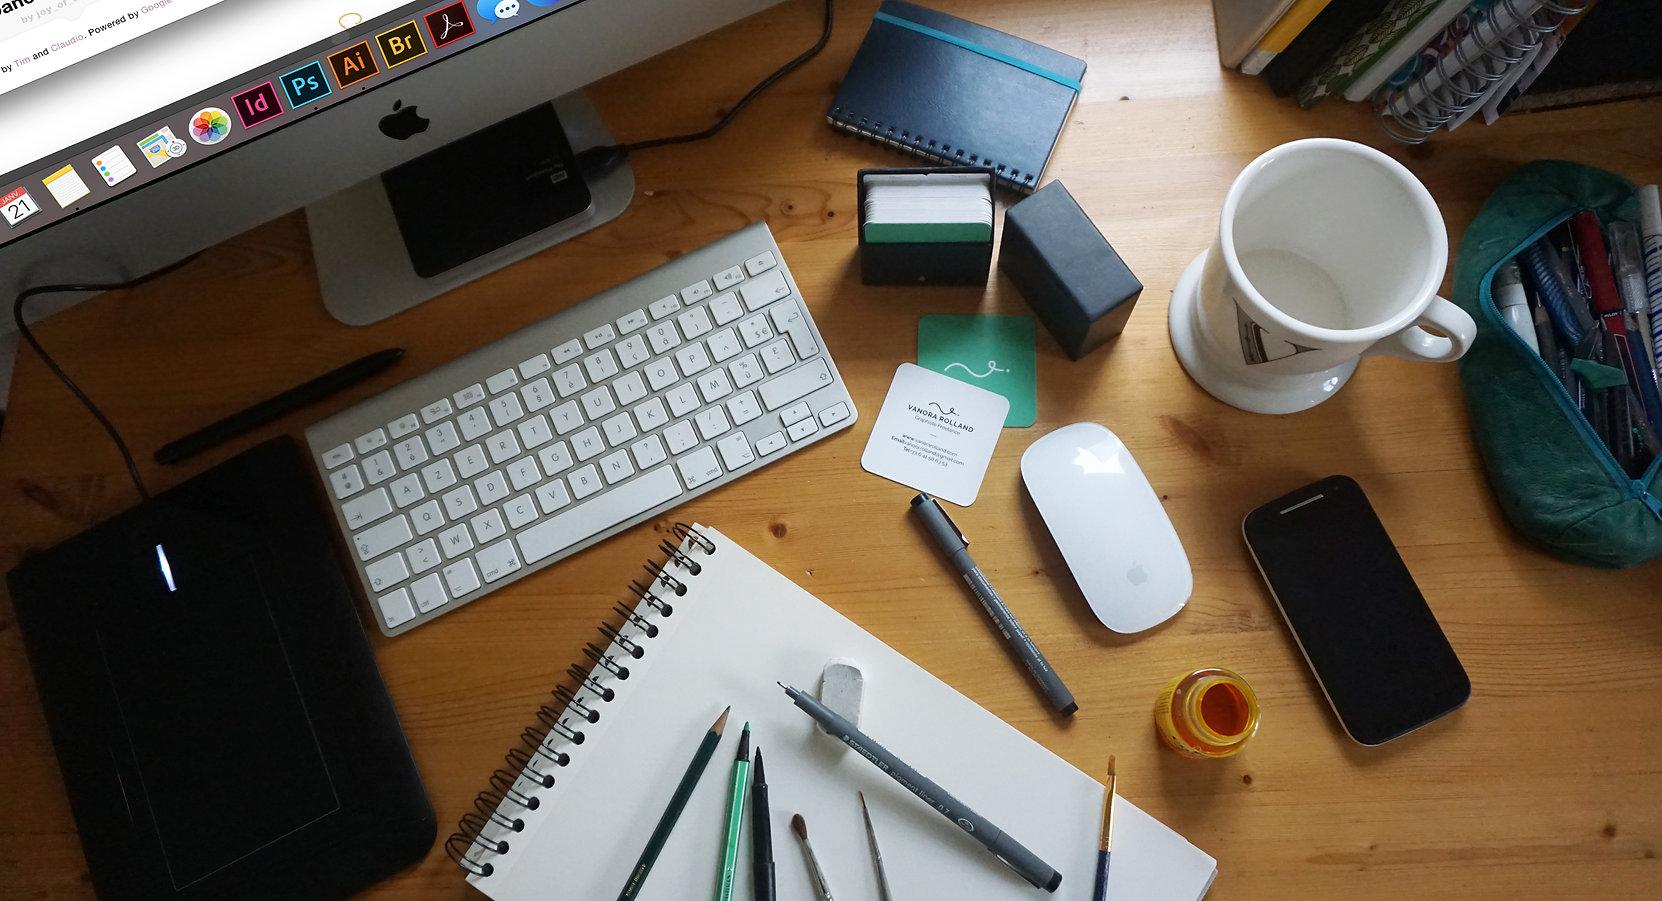 Vanora Rolland graphiste recherche graphiste rouen, freelance création de logo affiche flye plaquette rouen normandie 76 graphique graphisme bureau travail identité visuelle charte graphique pas cher, infogrpahste, yvetot, le havre, haute normandie, original